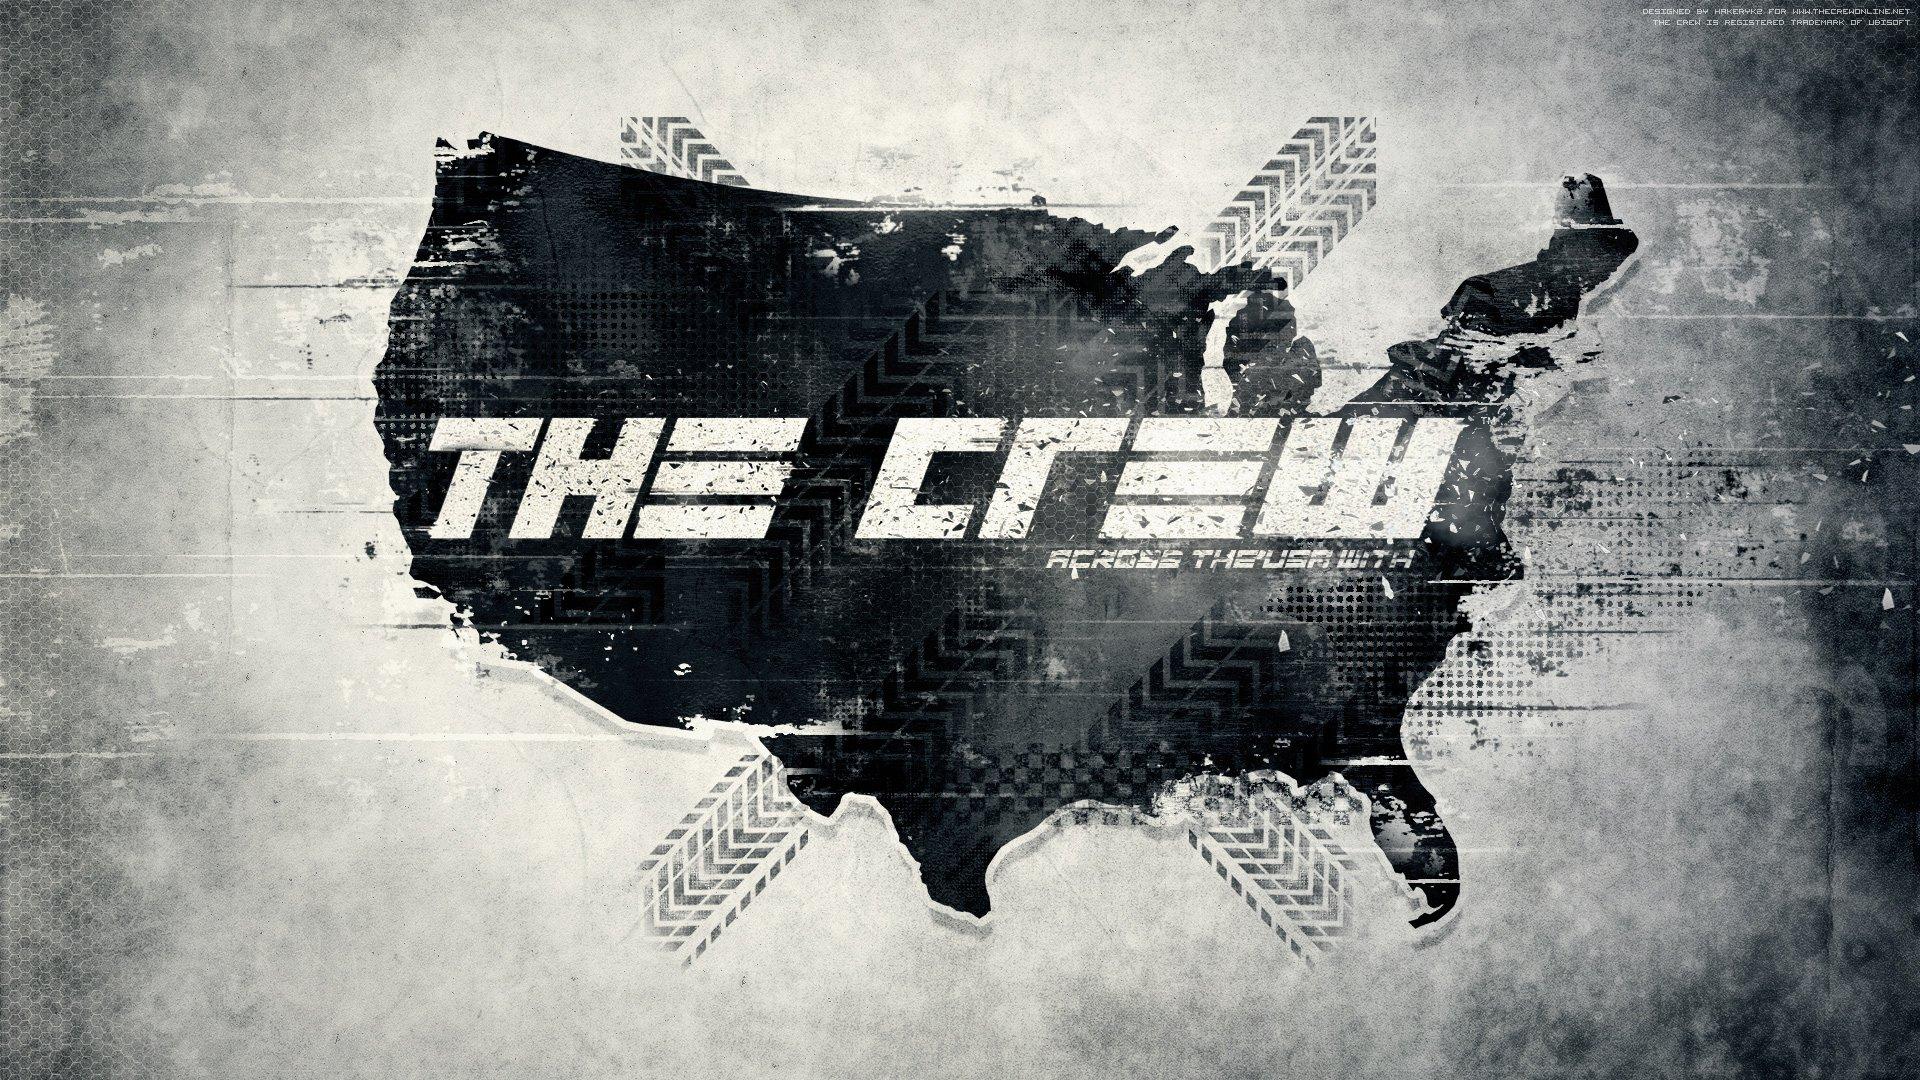 В сети появились системные требования игры The Crew. - Изображение 1